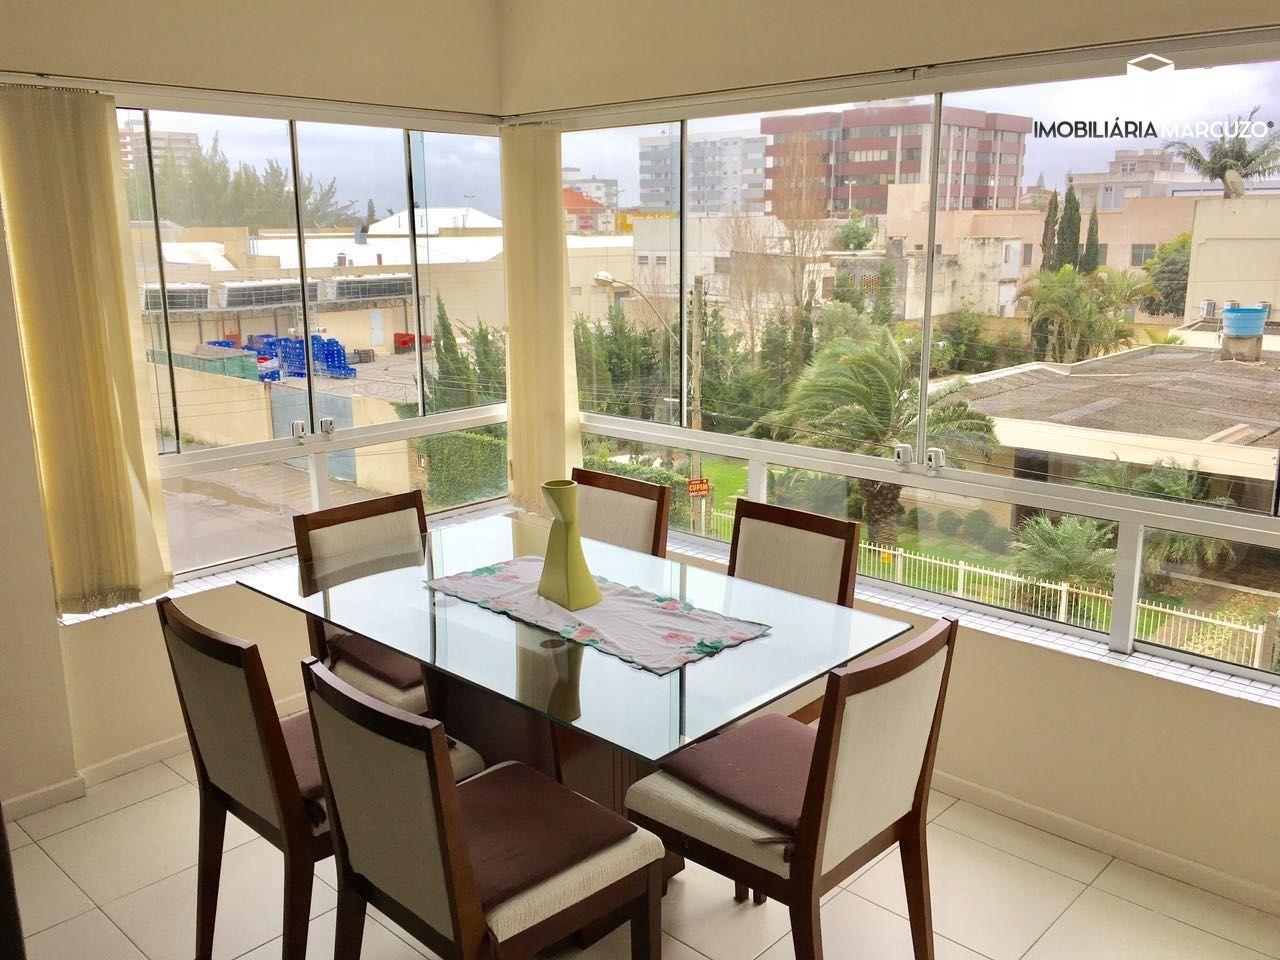 Apartamento com 2 Dormitórios à venda, 86 m² por R$ 320.000,00